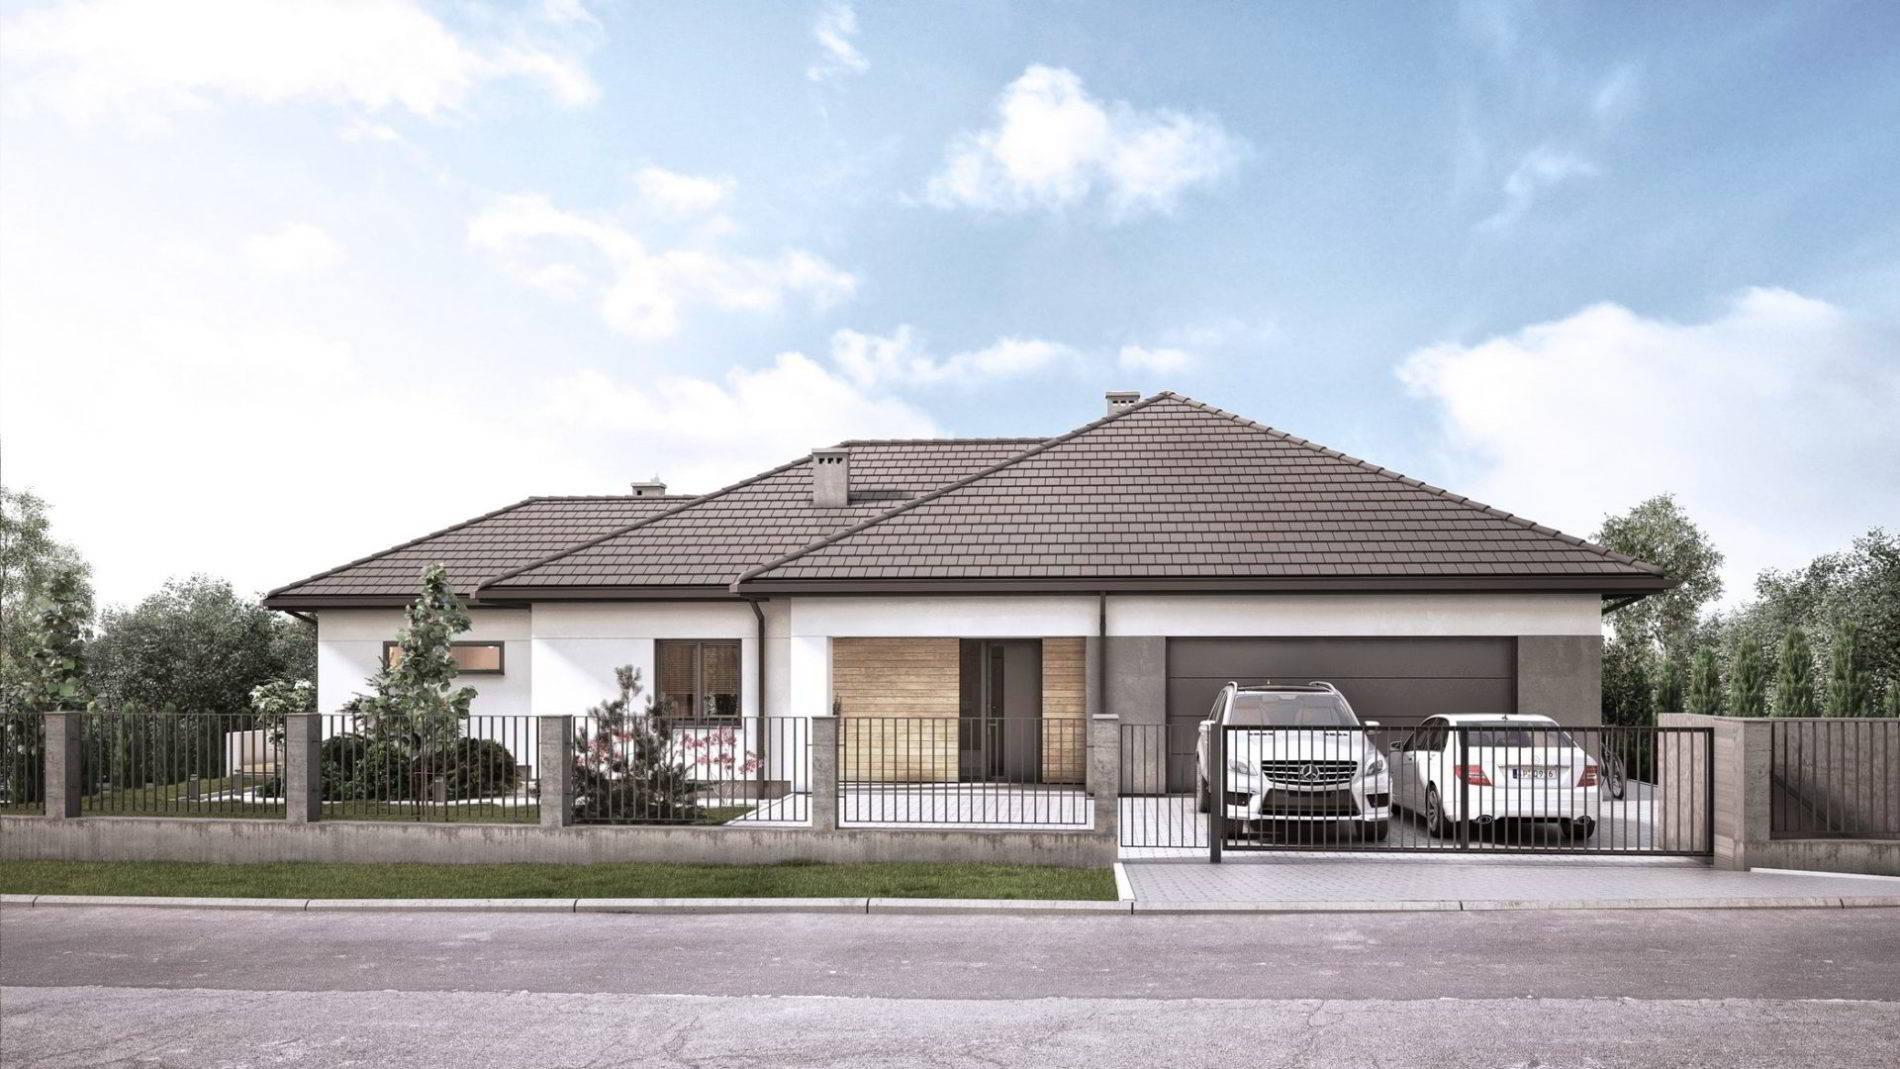 Parterowy dom jednorodzinny z piwnicą projekt architektoniczny